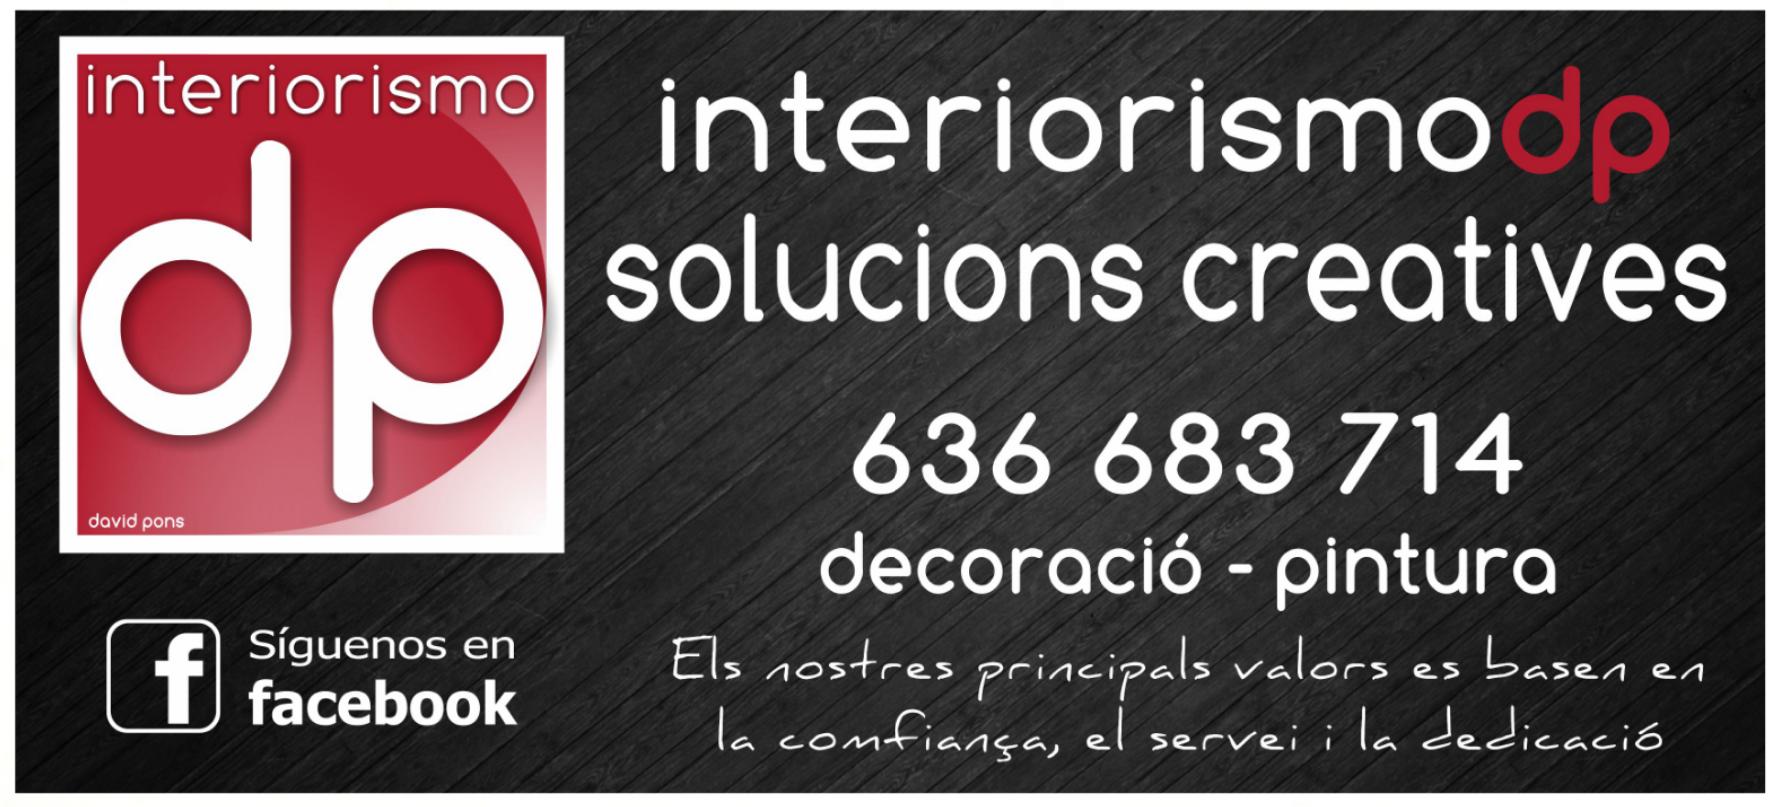 Interiorismo DP Soluciones Creativas